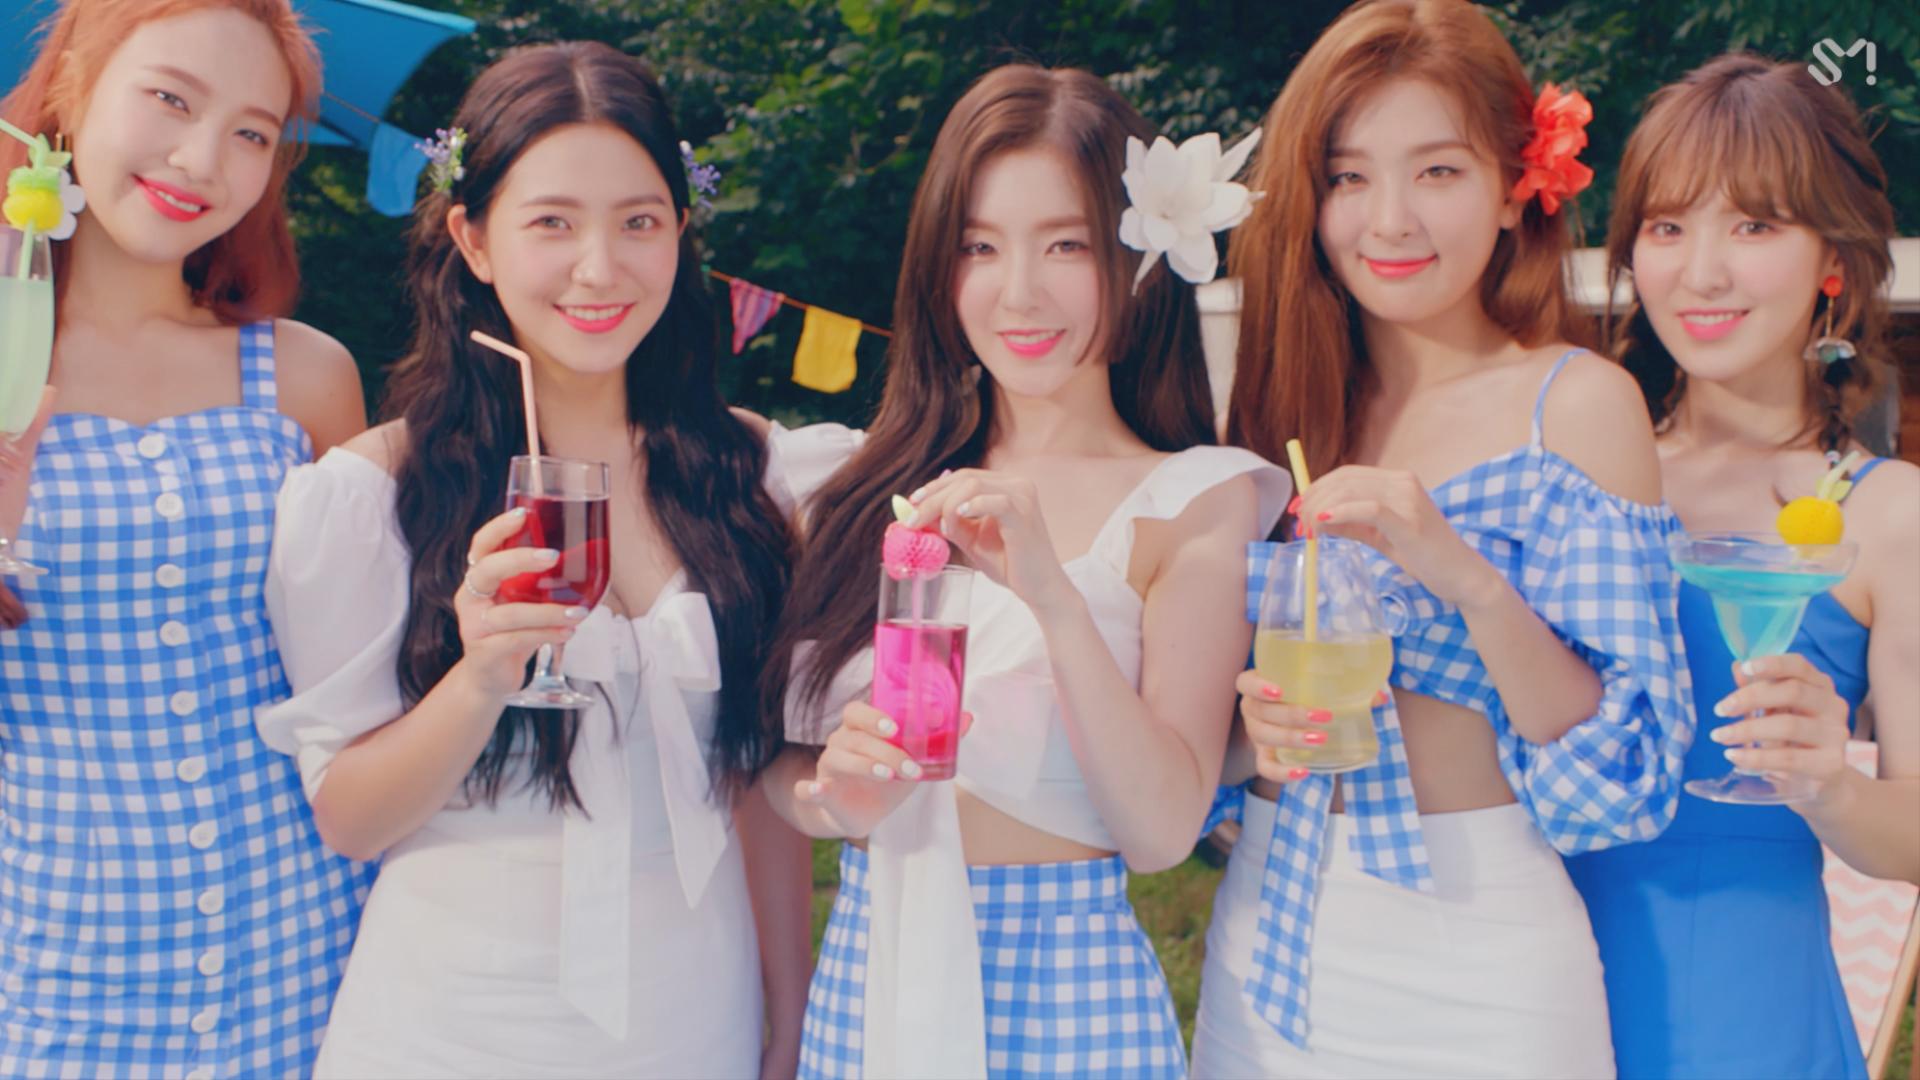 V Live Red Velvet 레드벨벳 Power Up Mv